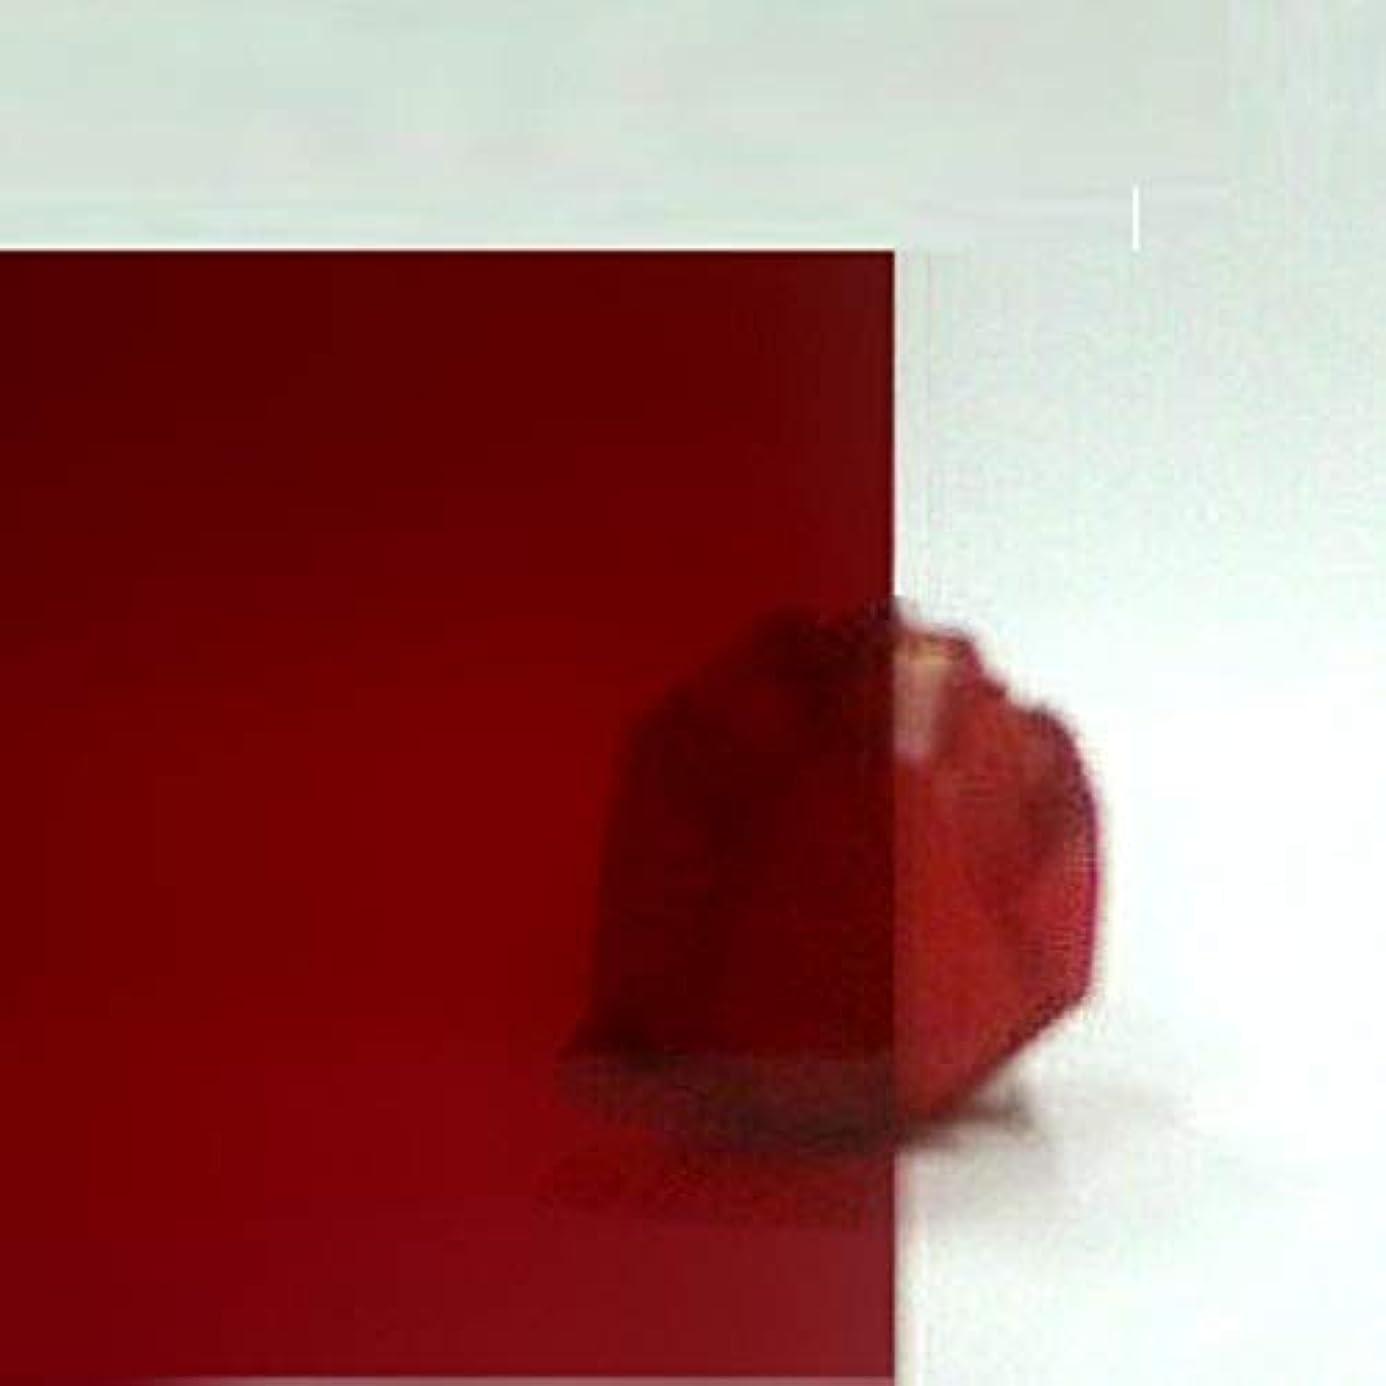 略す自動車ベル日本製 クラレックス アクリル板 レッド (精密セルキャストノングレア板) 厚み 3mm 1000×1000mm No.1 N-205全光線透過率12% (カット?キャンセル返品不可)